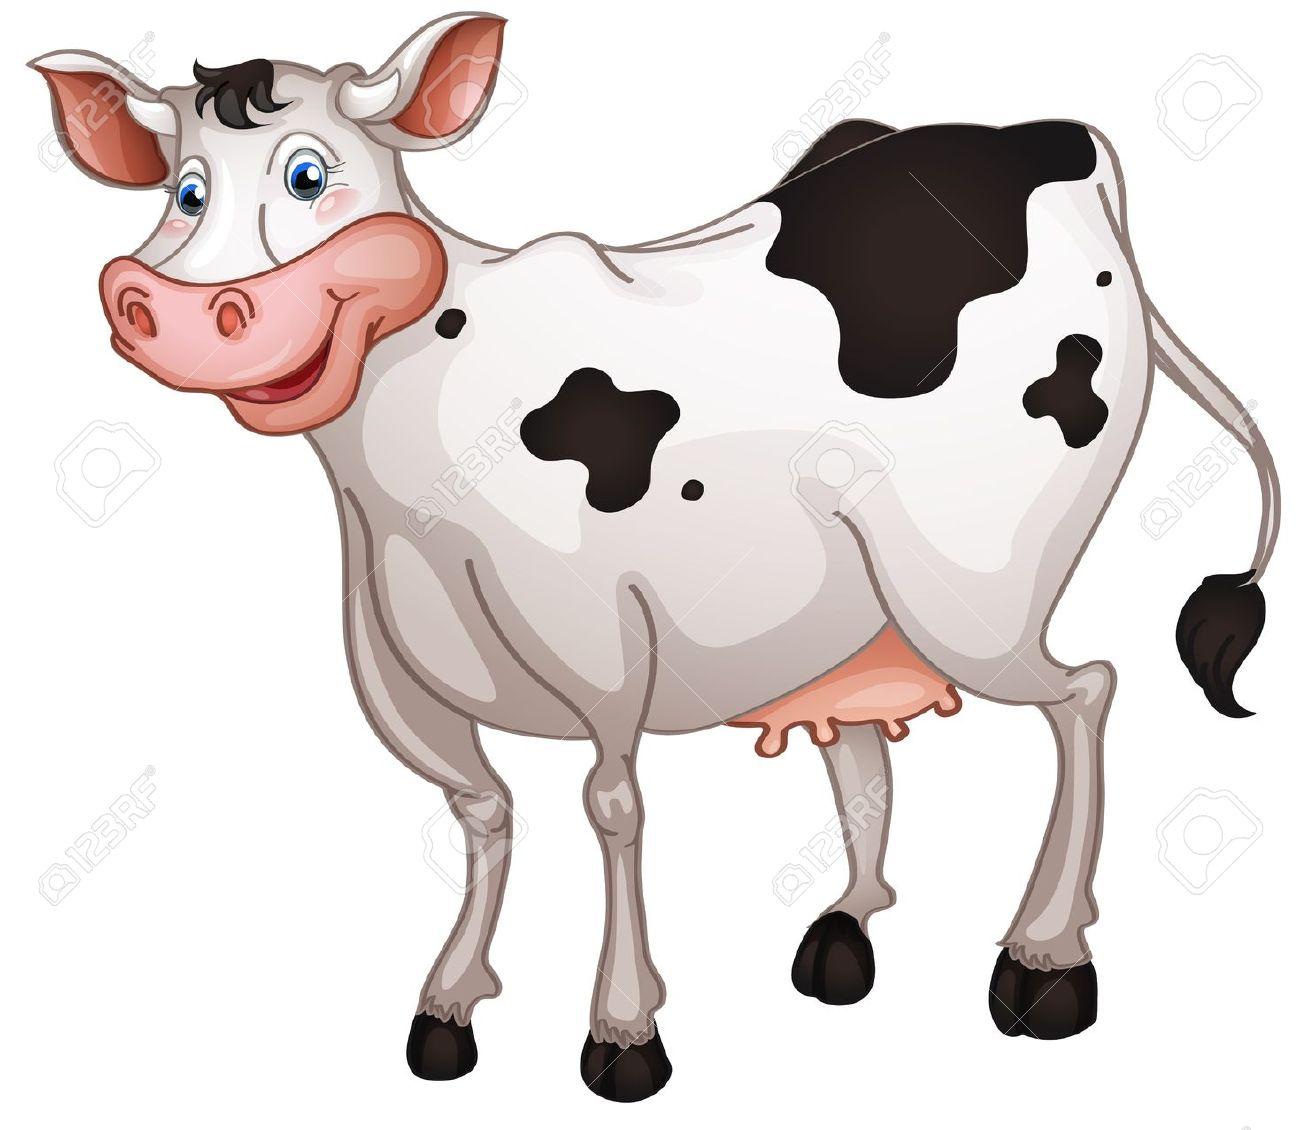 Illustrazione Di Mucca In Uno Sfondo Bianco Clipart Royalty.